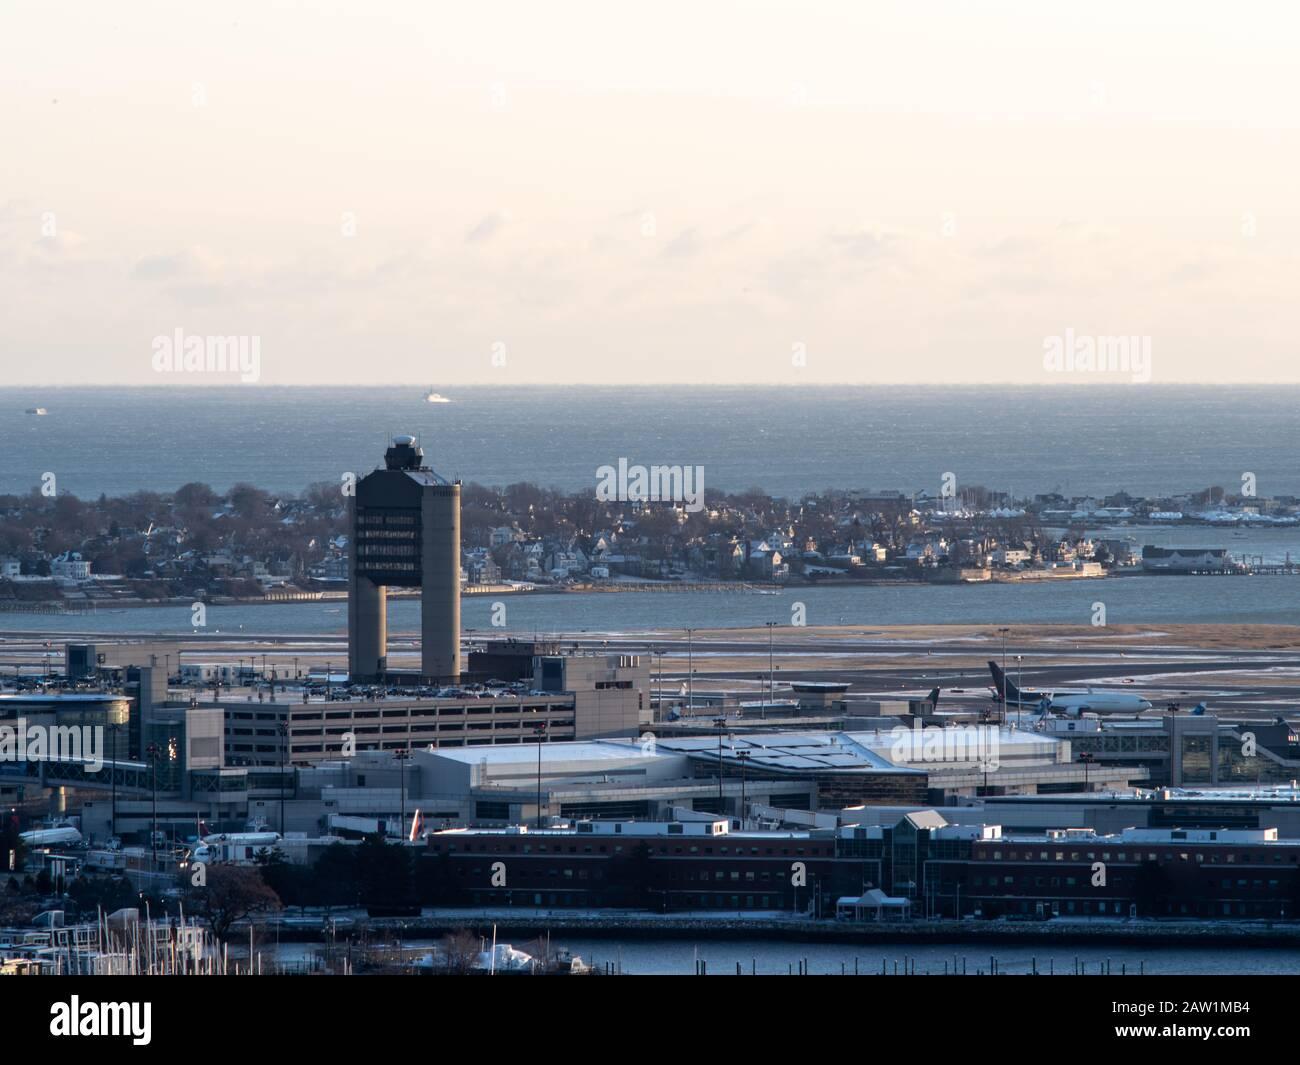 La Torre De Control Del Tráfico Aéreo En El Aeropuerto Internacional Logan De Boston Foto de stock